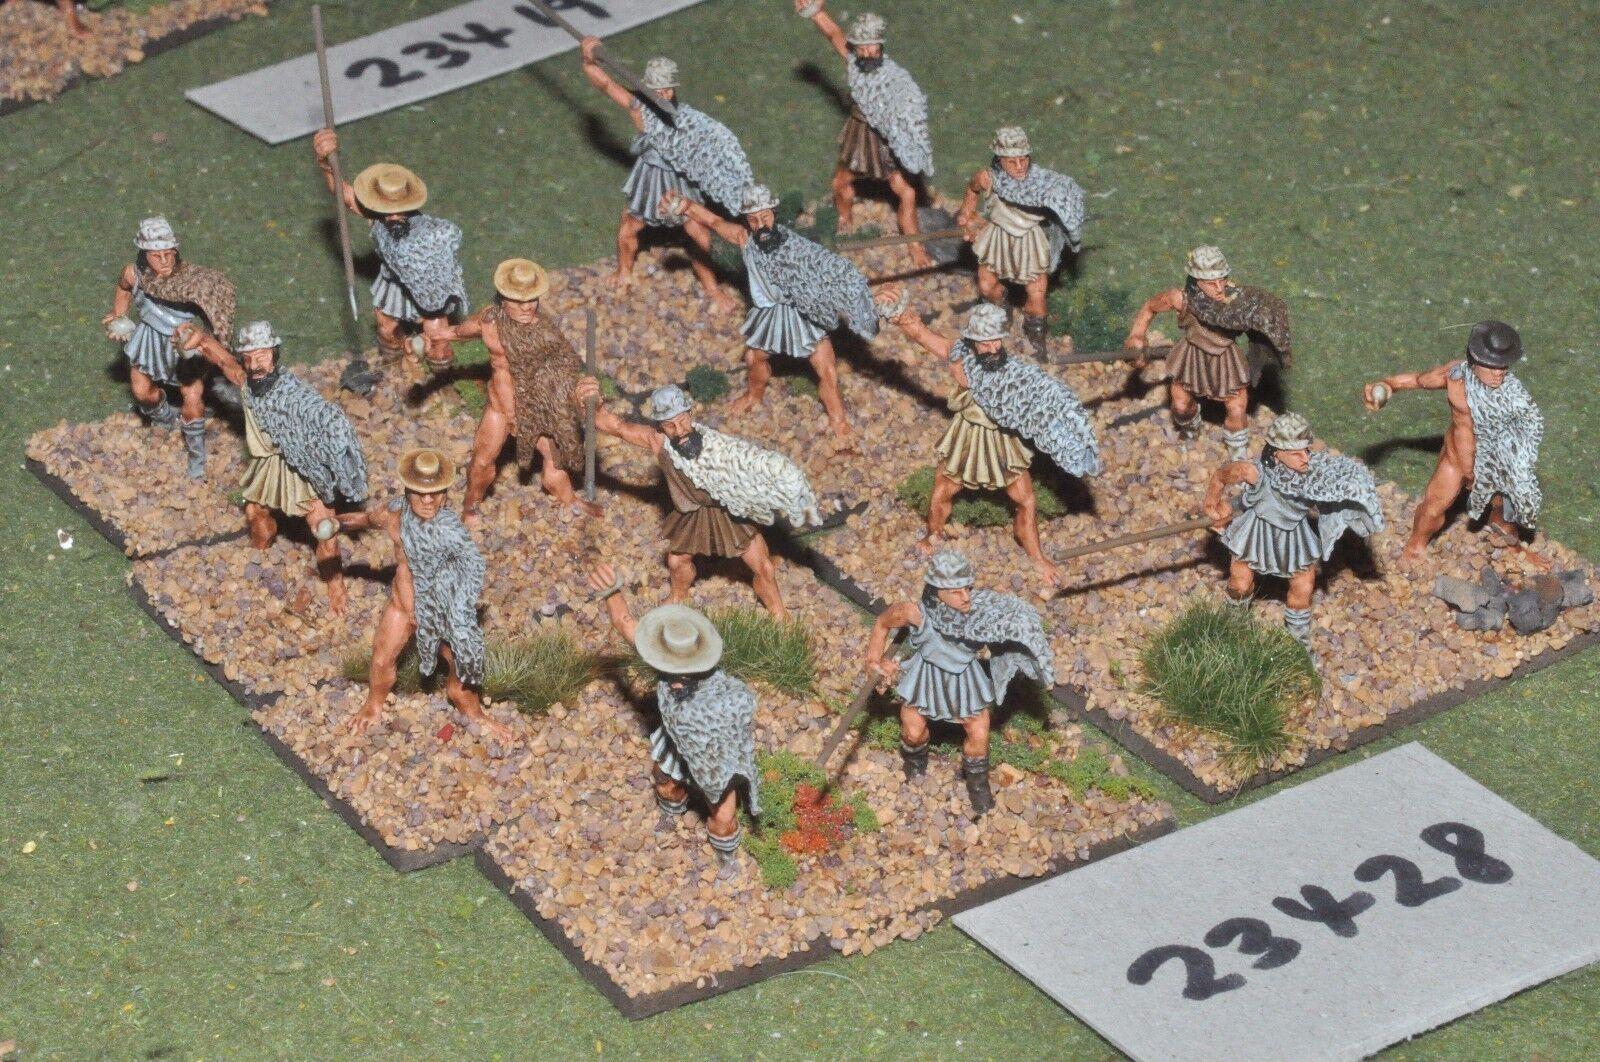 À la fin de l'année, j'ai acheté un grand grand grand groupe et rencontré environ dix mille ménages. 25 mm Classique/grec-Light 16 figures plastique-INF (23428) c8c47c